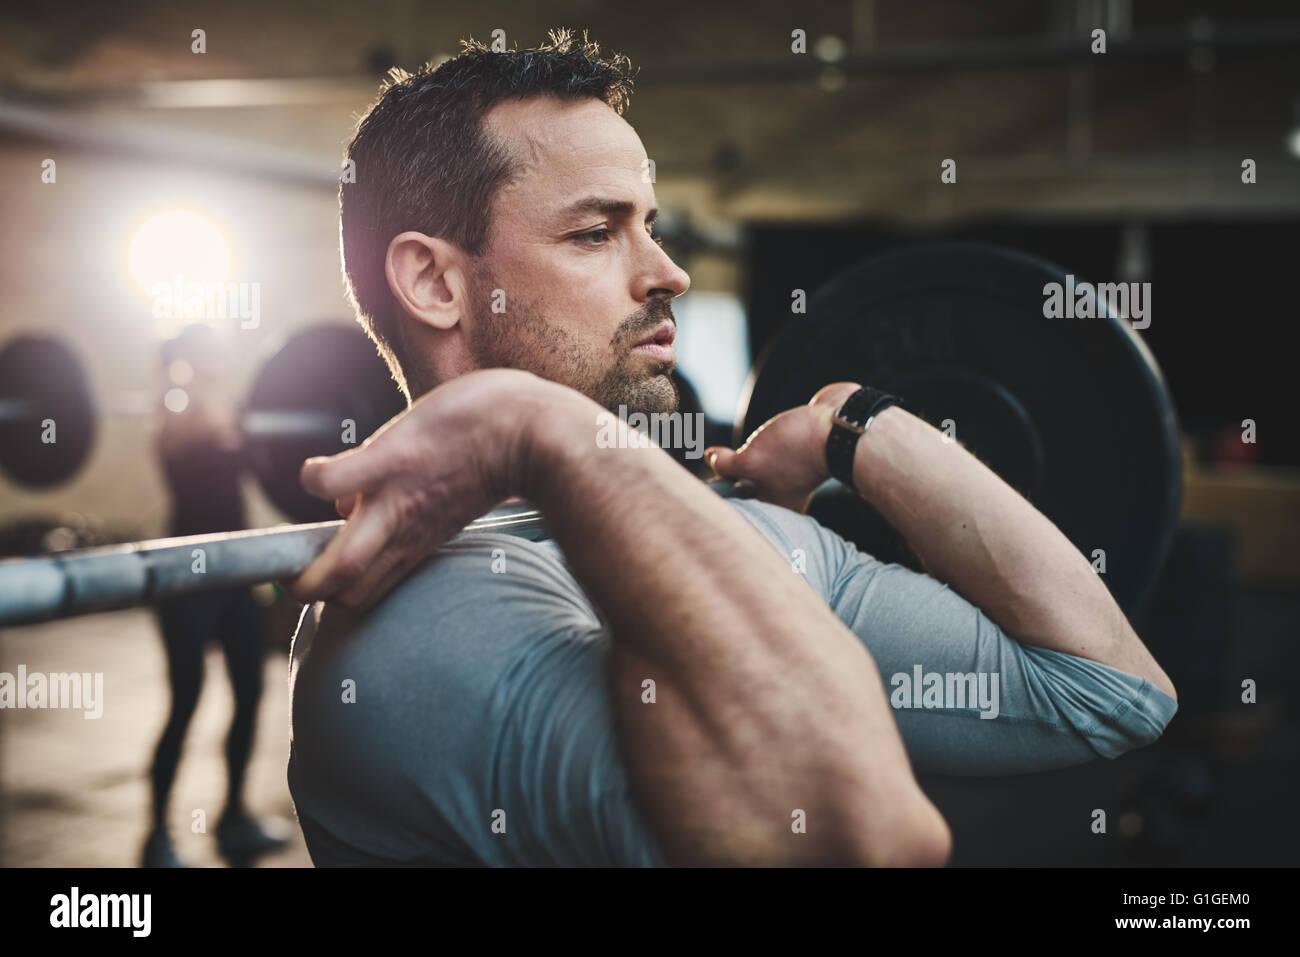 Aplicar jovem halteres elevação olhando focada, trabalhando em um ginásio com outras pessoas Imagens de Stock